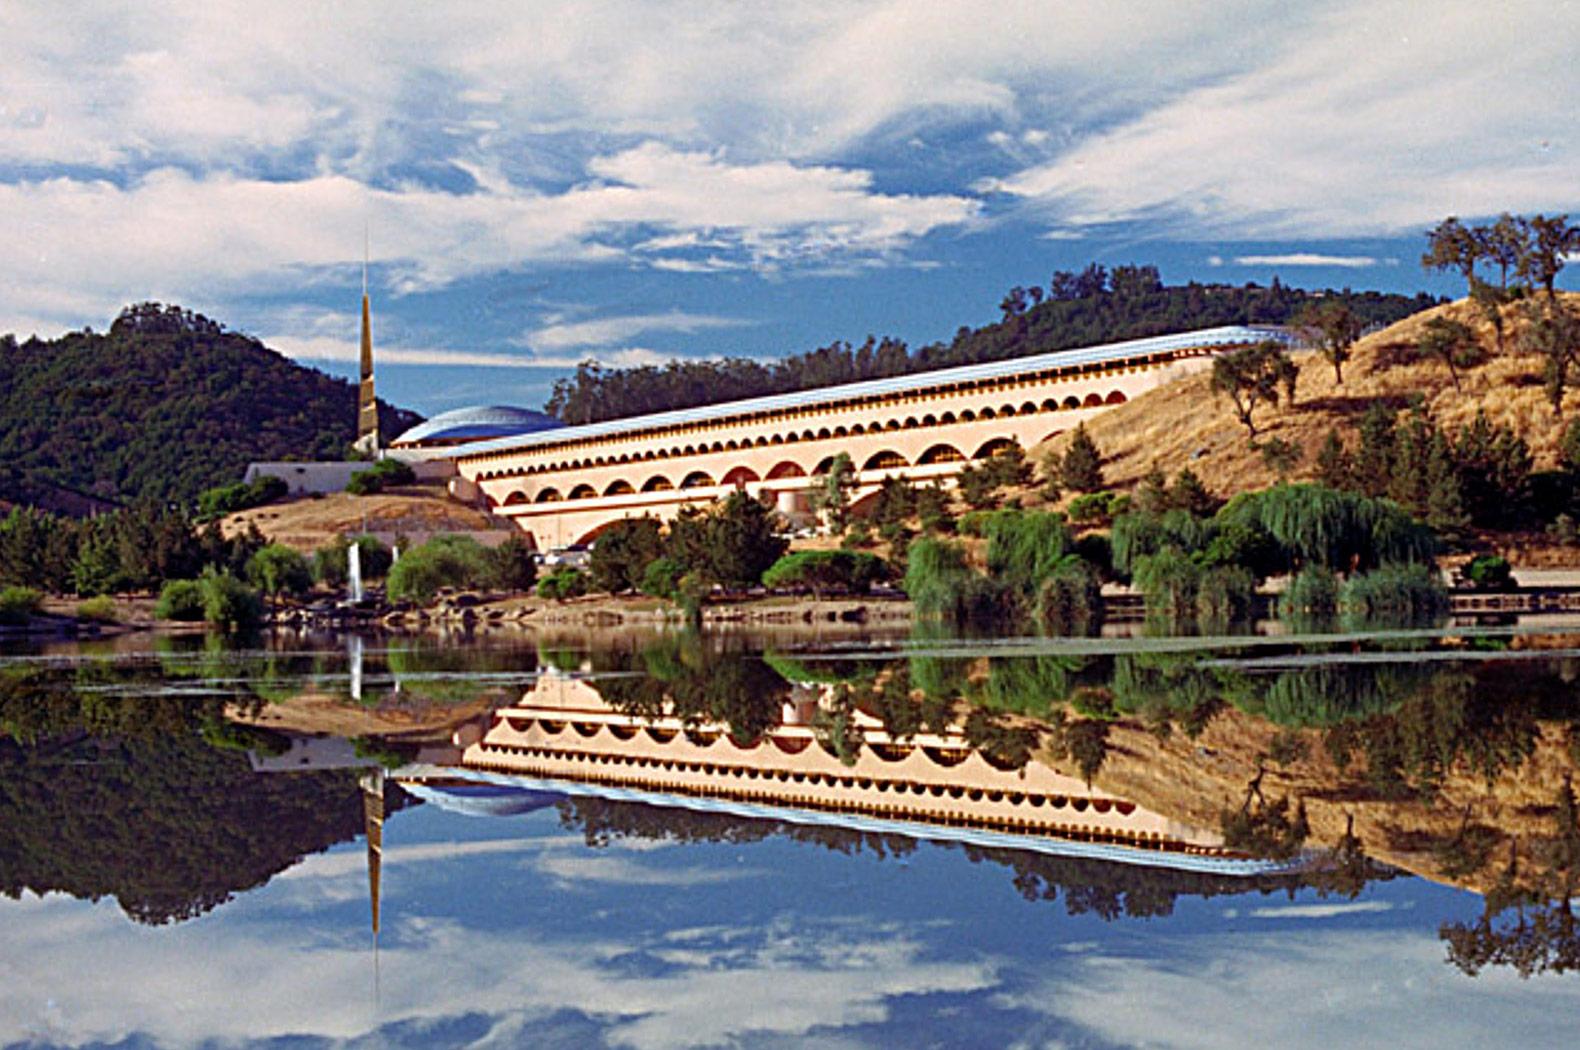 Marin-County-Civic-Center-Reflection.jpg